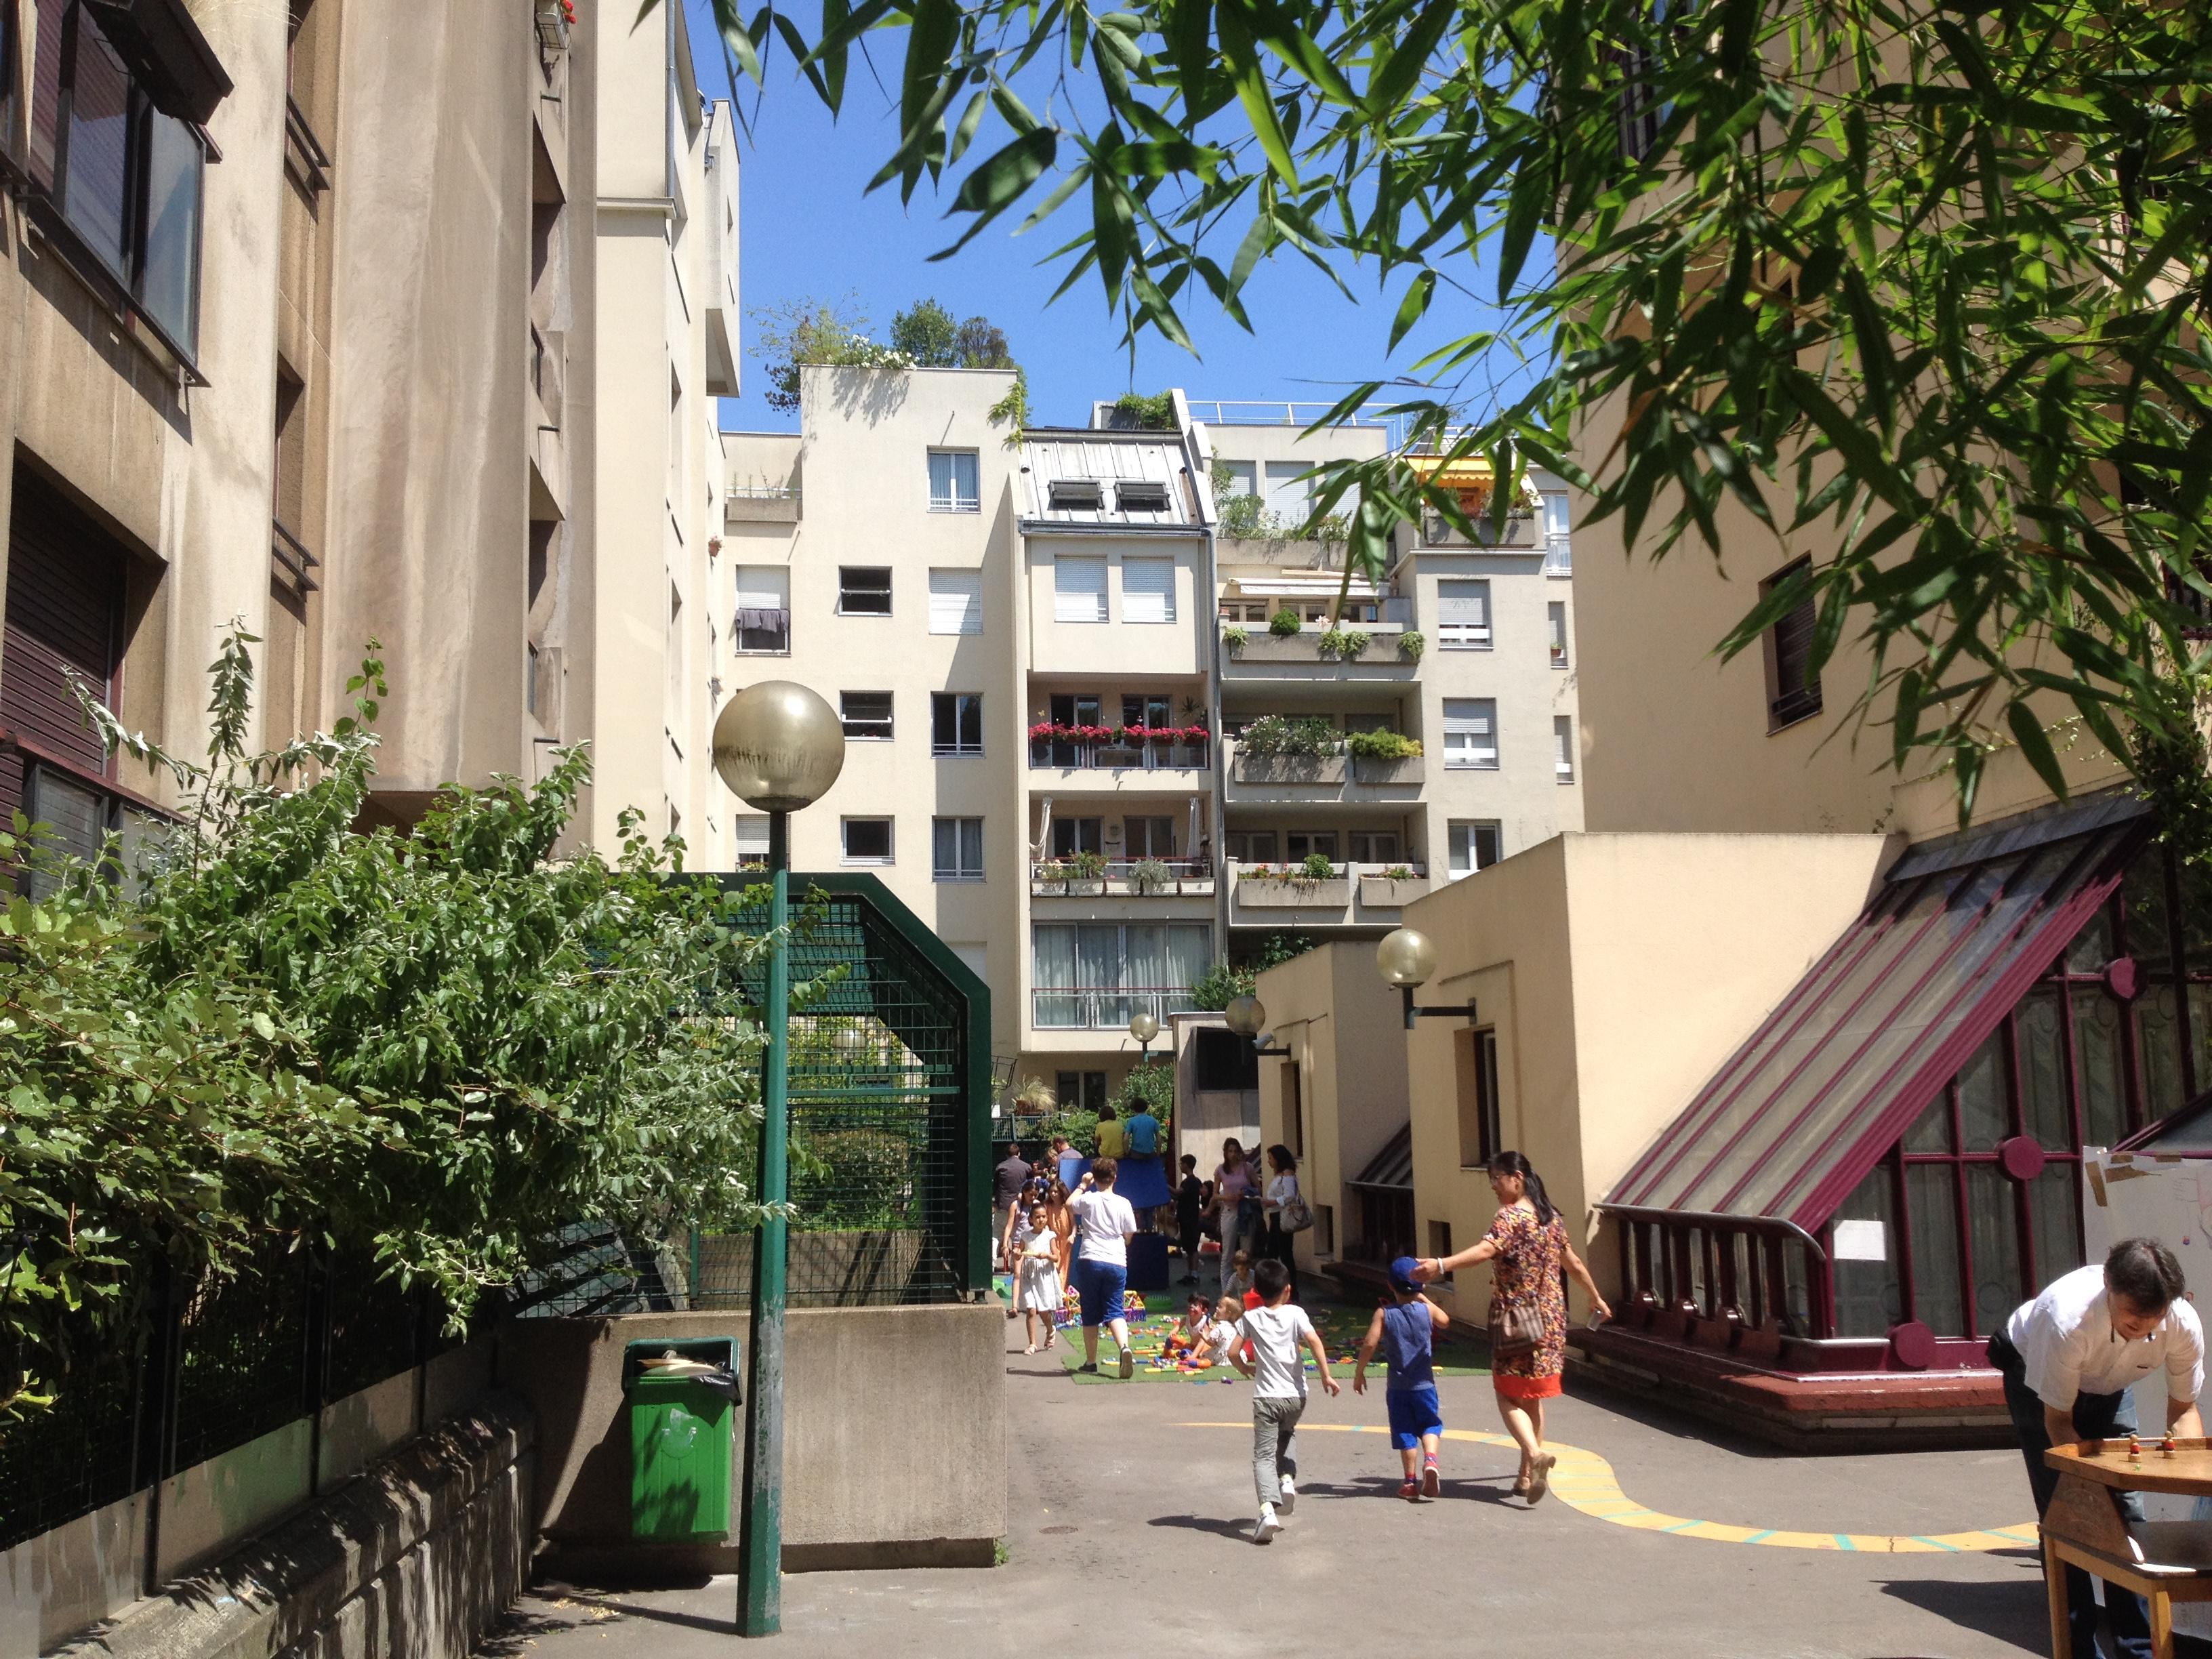 Nichée au cœur du Quartier de l'Horloge l'école maternelle Brantôme rythme la vie des habitants depuis 1982. Elle a accueilli 36 rentrées scolaires avant de fermer en juillet 2018. Photo: association TEMPO